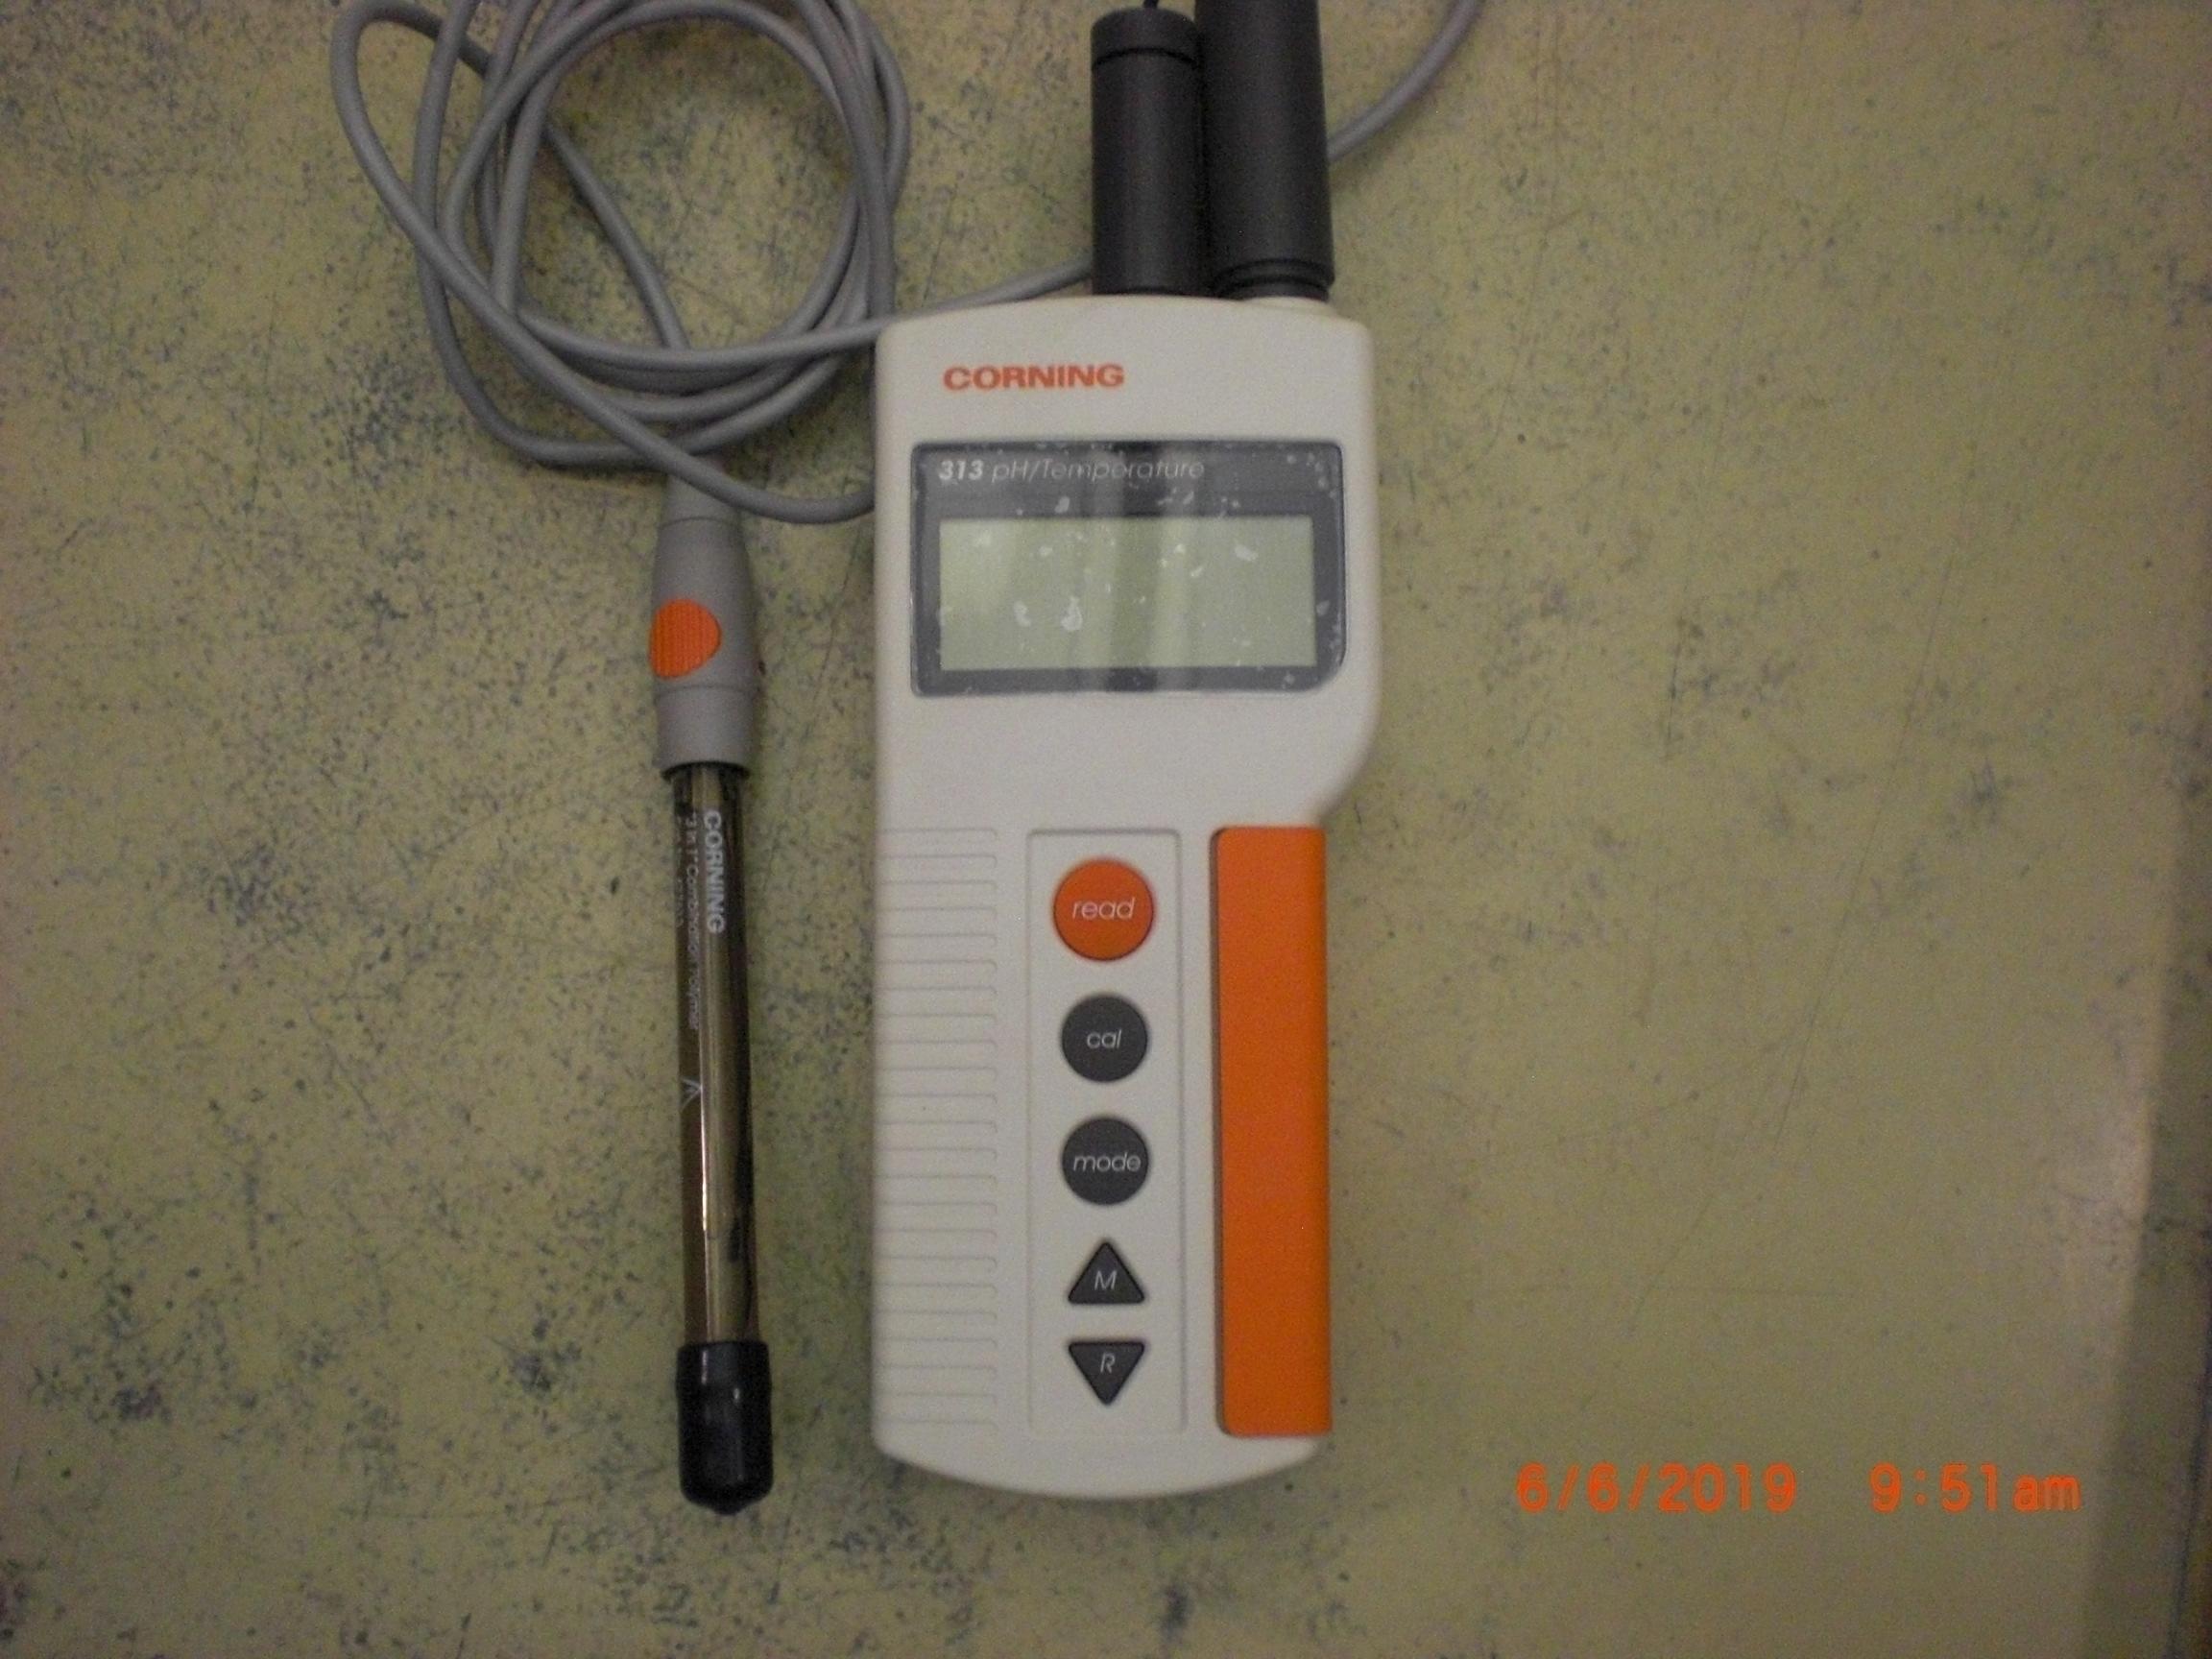 Sensor CORNING 313 PH/Temprature meter